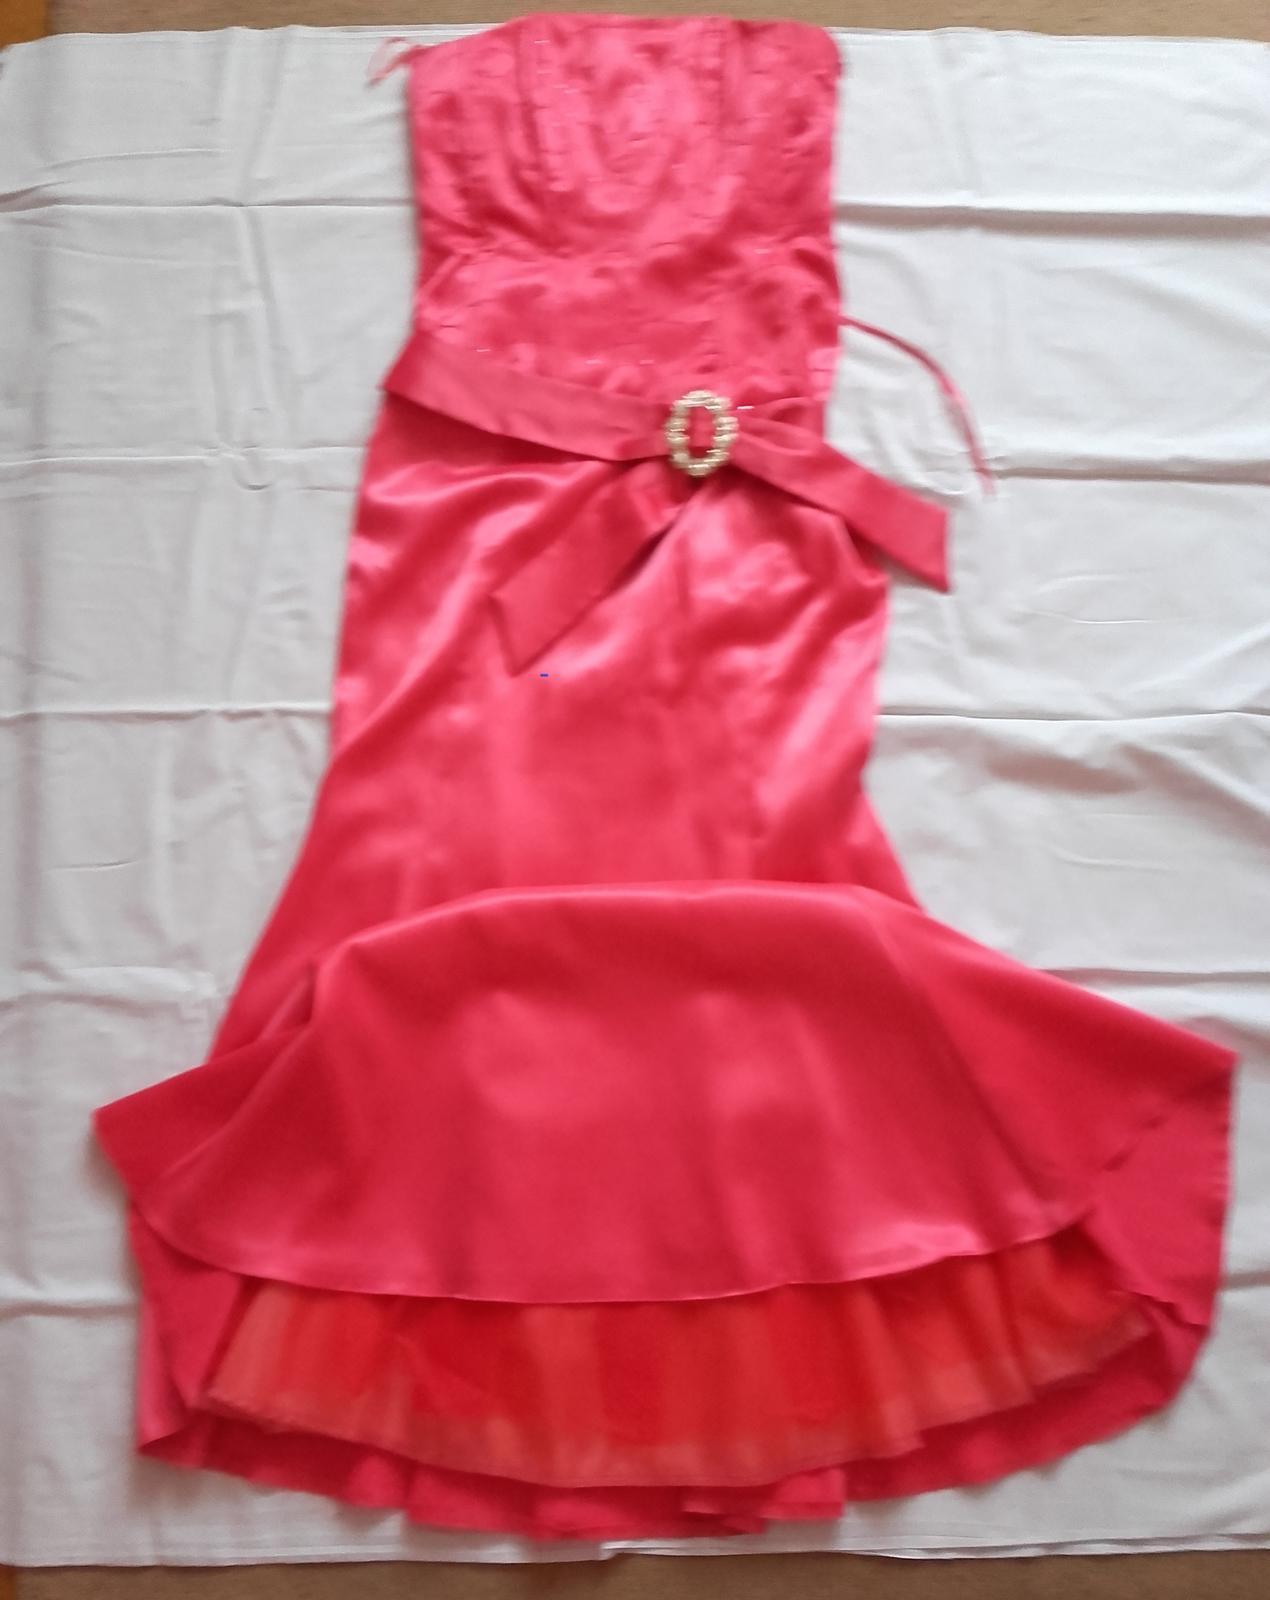 Dlhé spoločenské korzetové šaty, veľkosť č. 36/38 - Obrázok č. 1